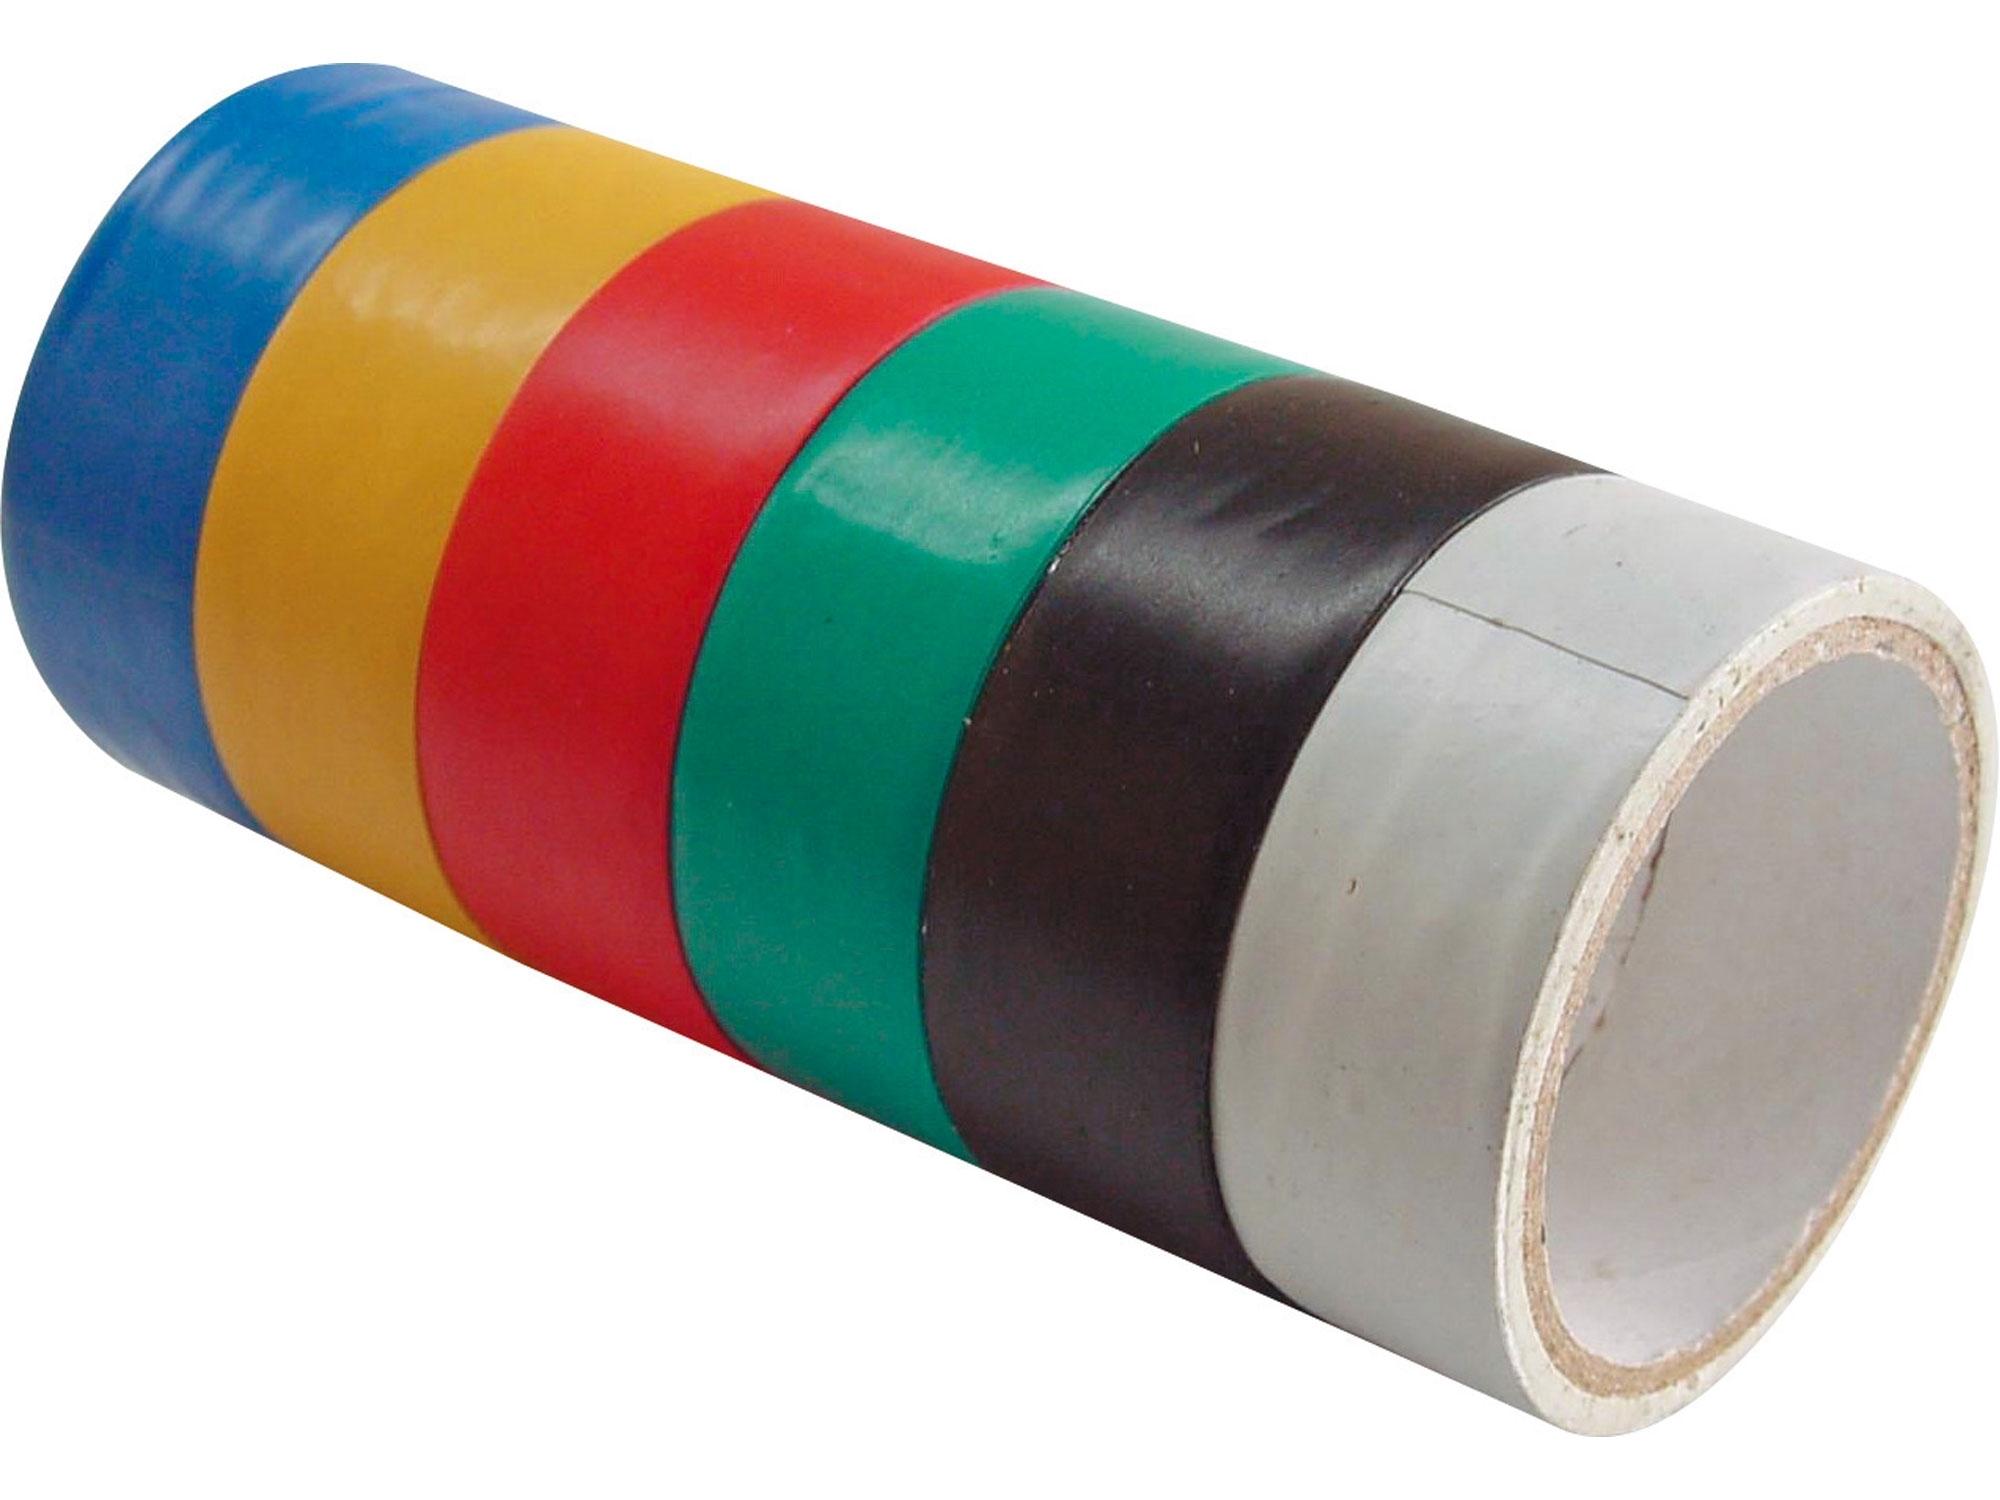 pásky izolační PVC, sada 6ks, 19mm x 18m (3m x 6ks), EXTOL CRAFT 9550